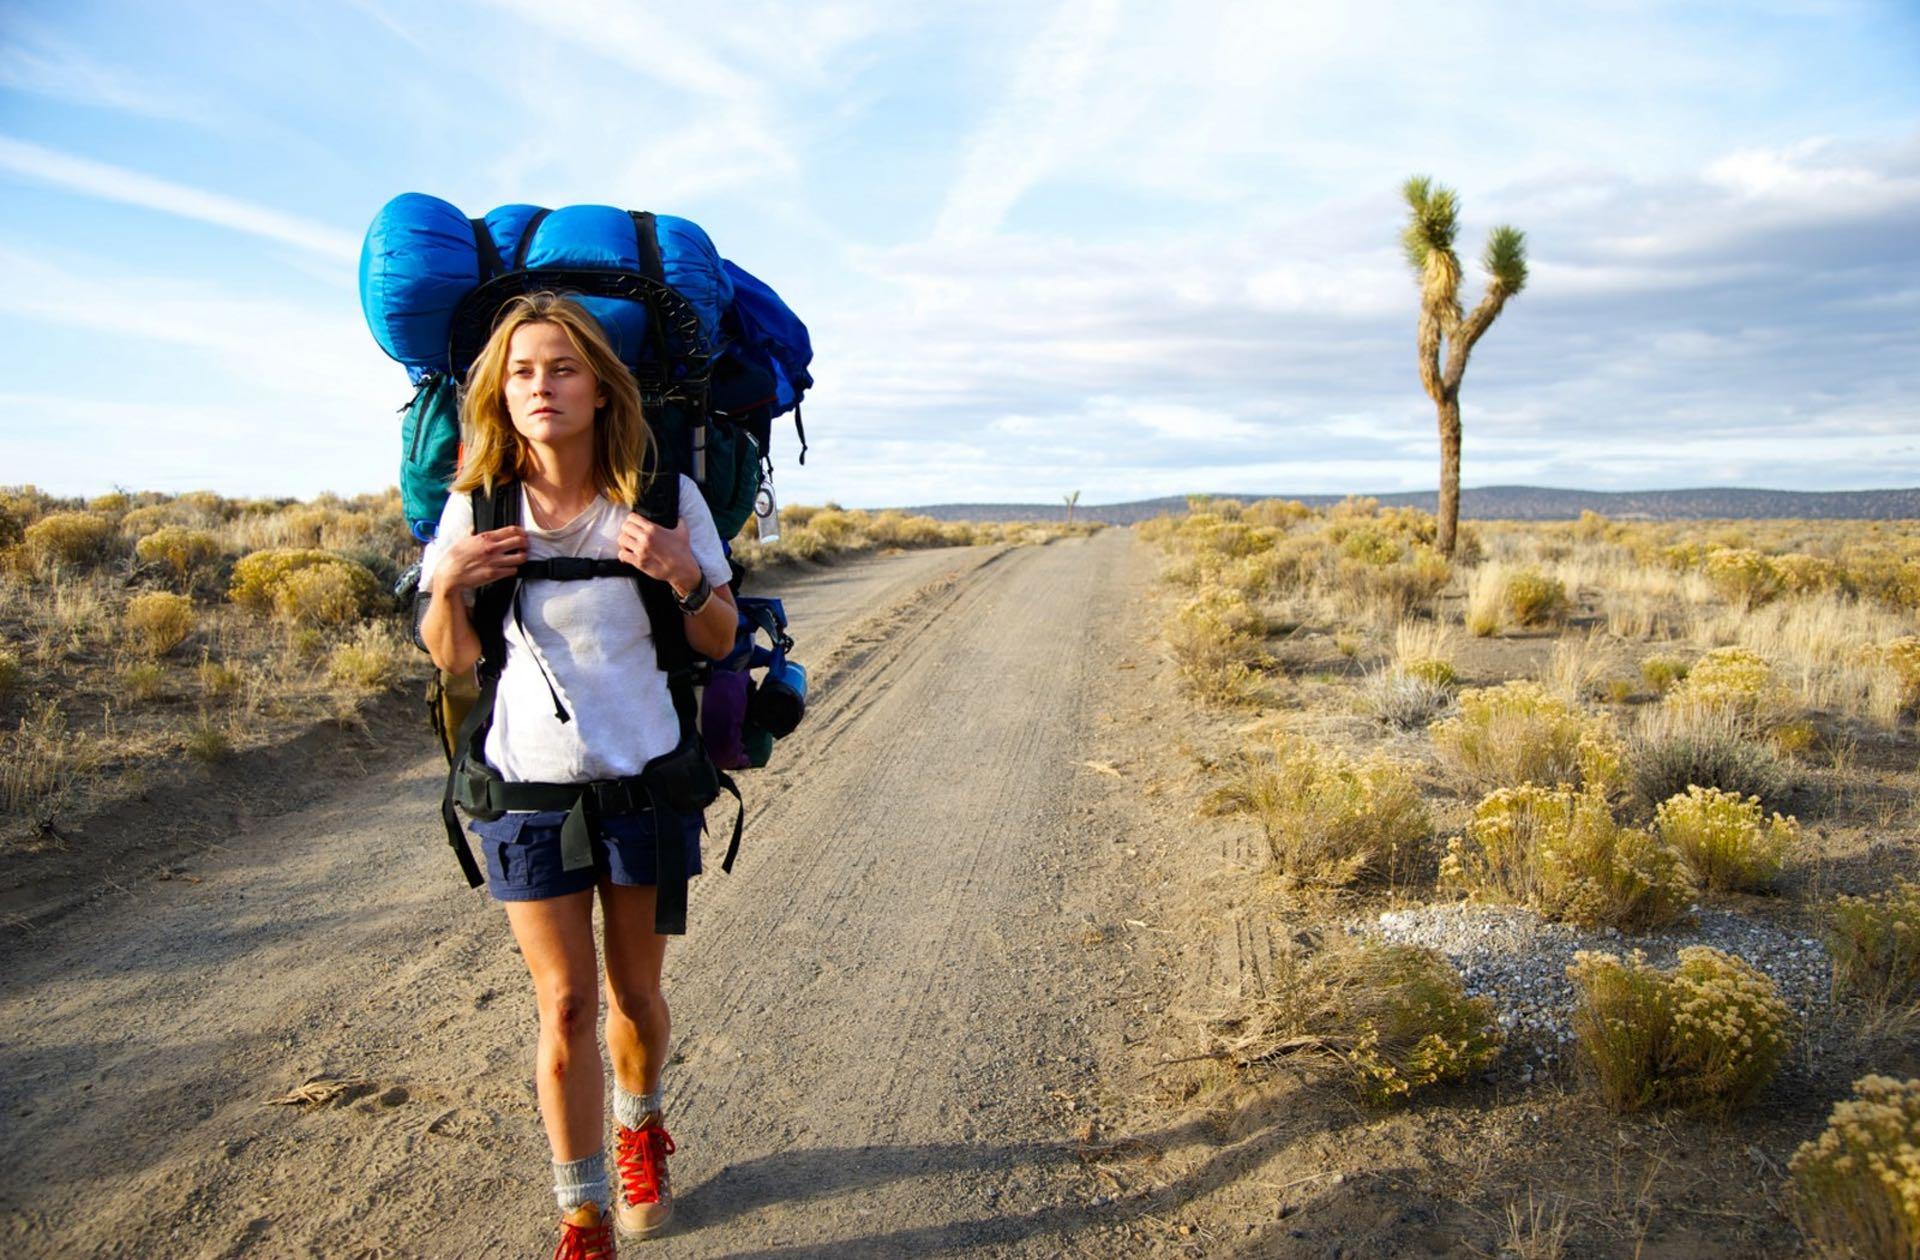 Qu'est-ce qu'on regarde cet été ? Ces 8 films en streaming pour voyager depuis son canapé